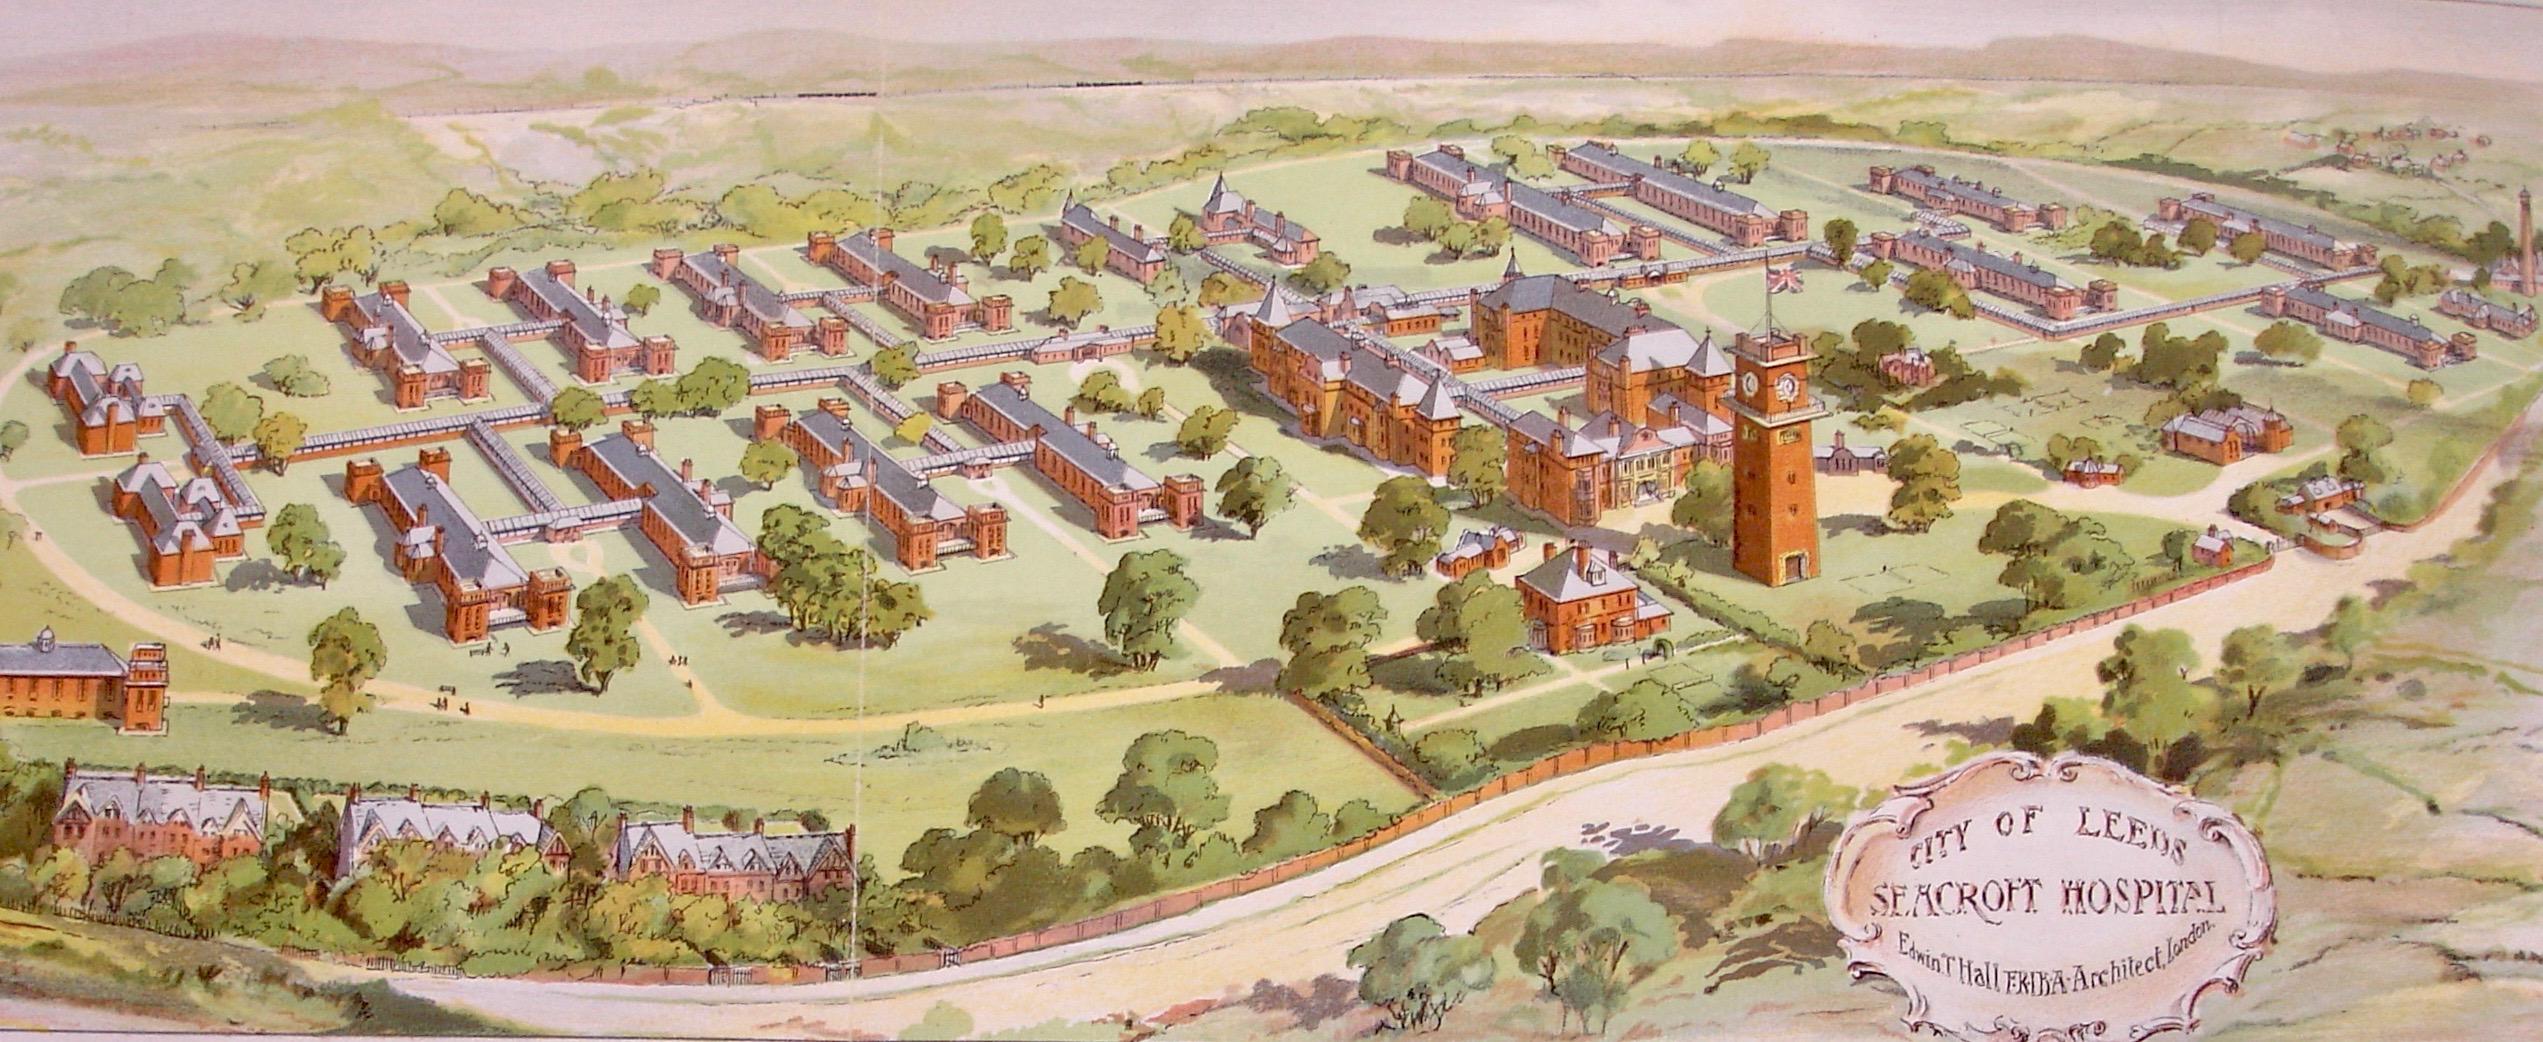 Seacroft hospital